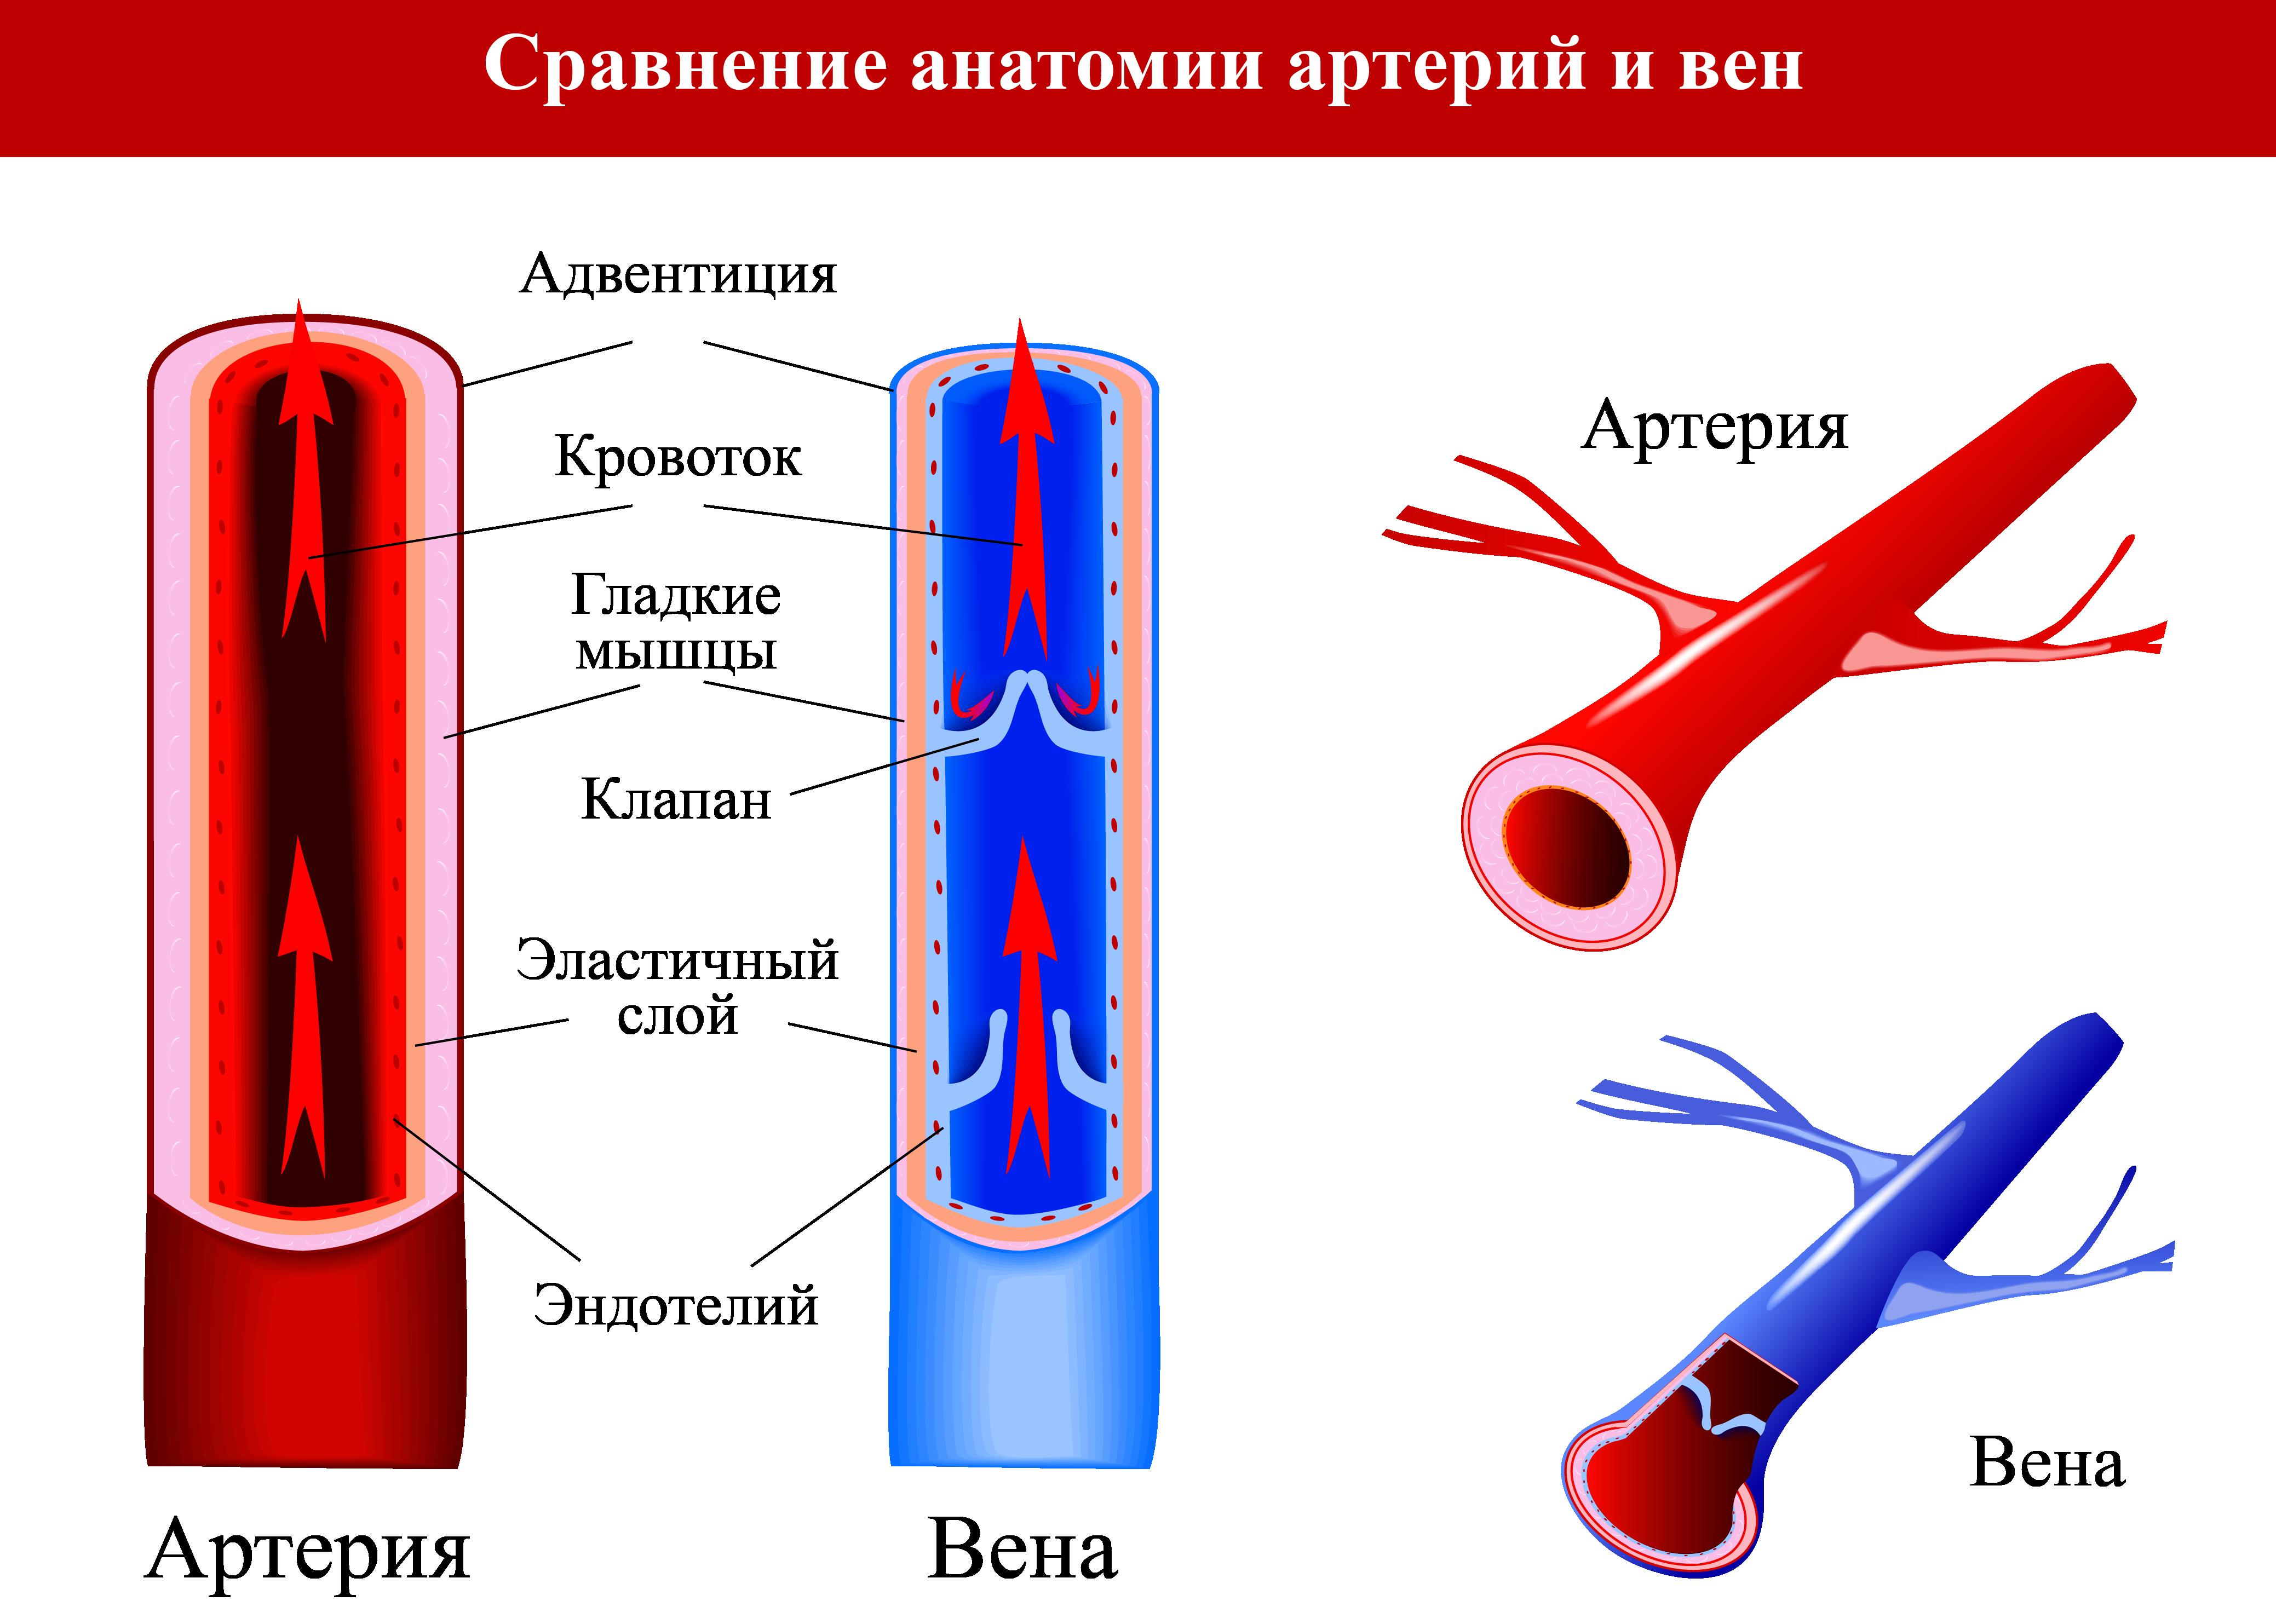 Сравнение анатомии артерий и вен